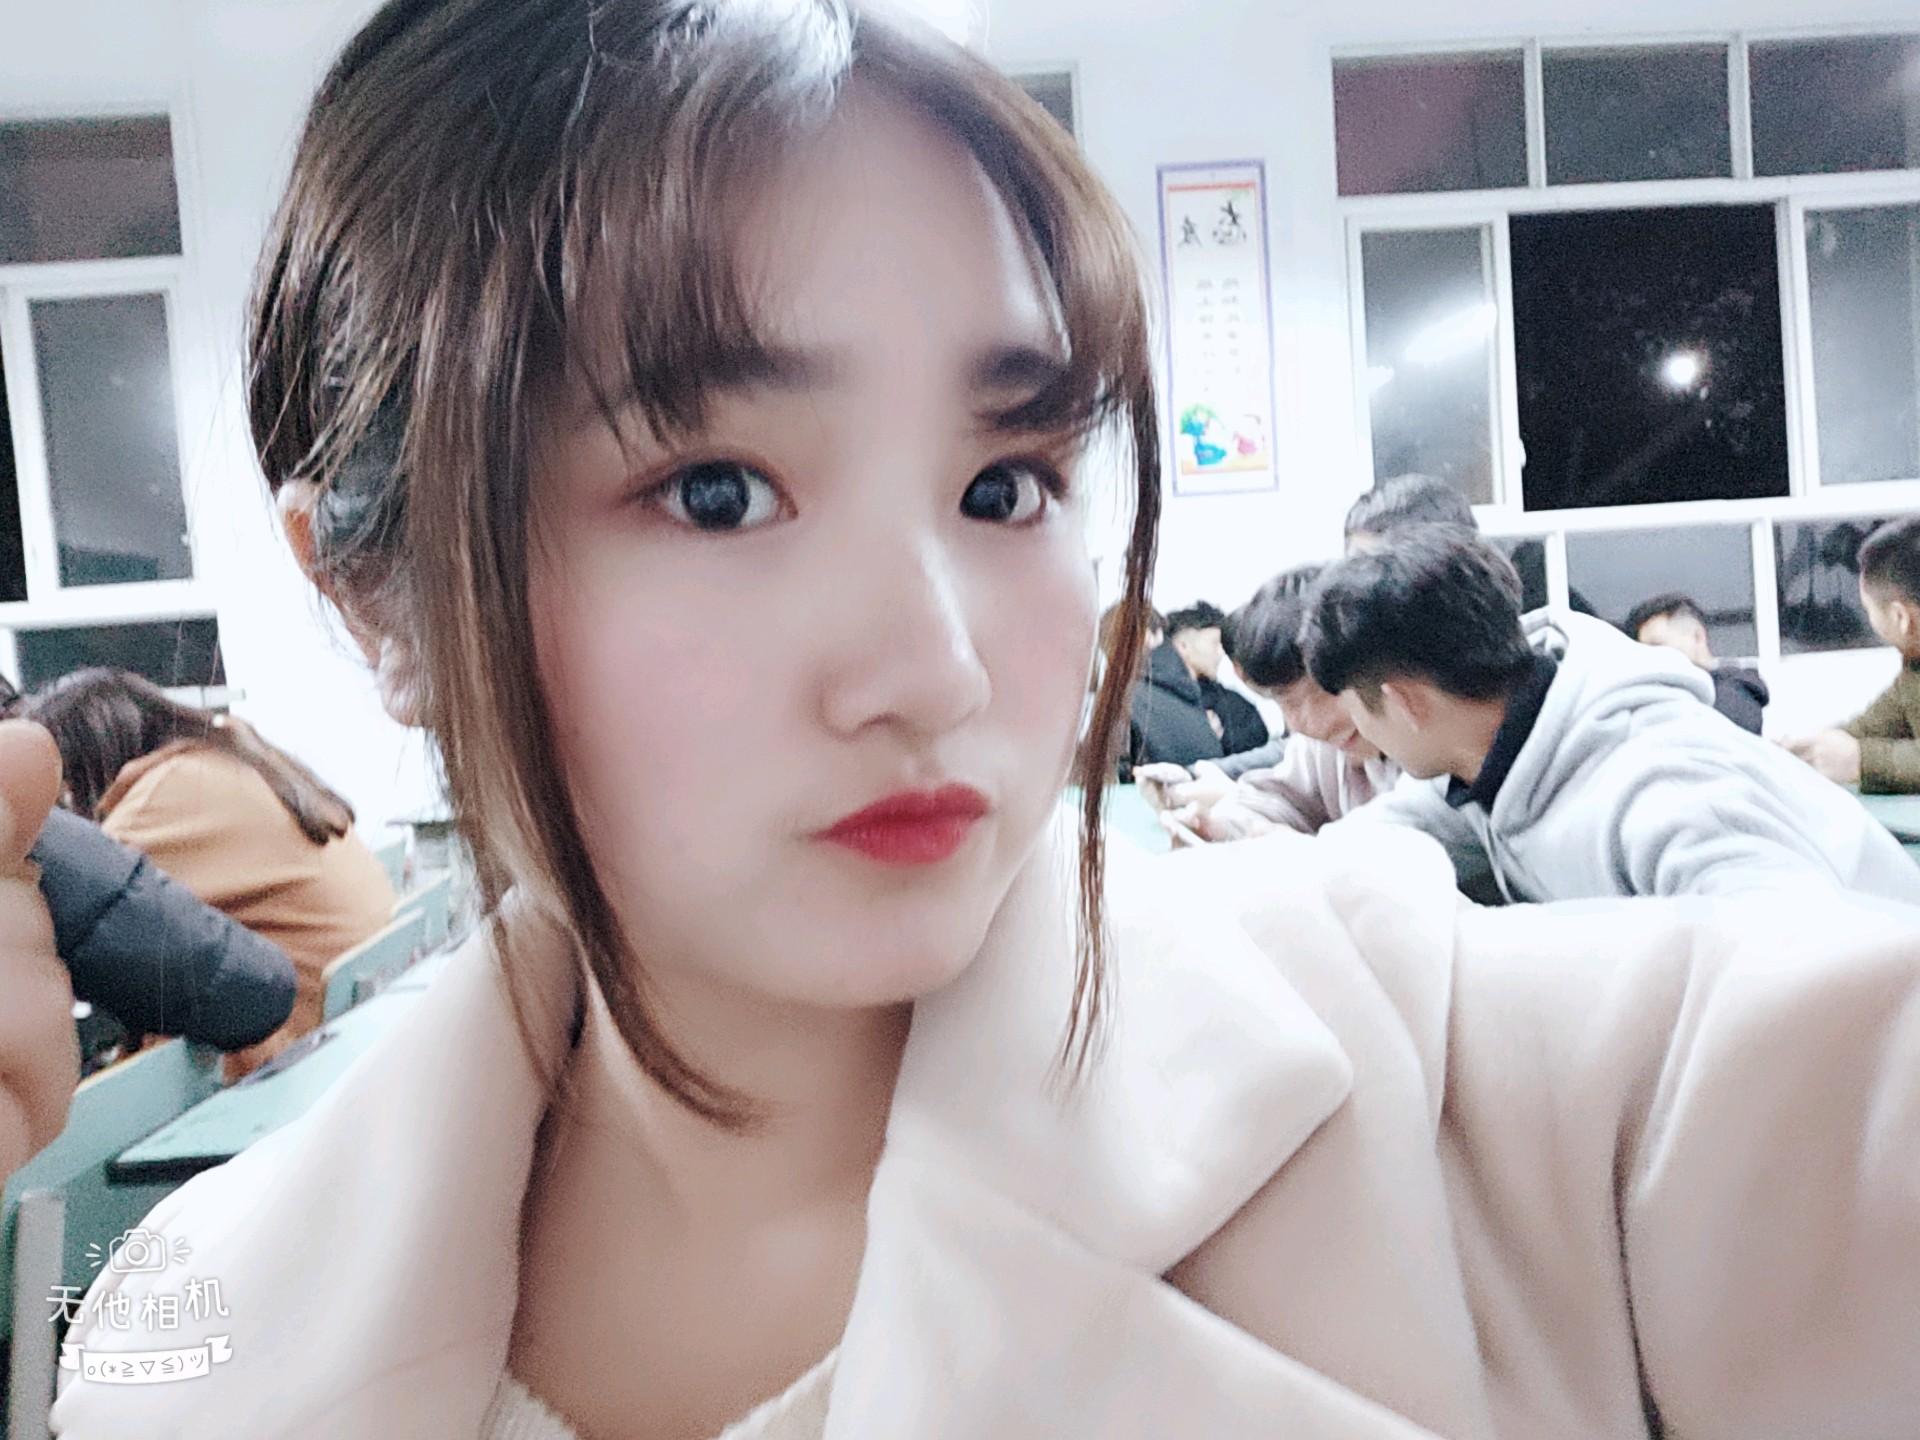 WuTa_2018-12-23_18-38-21.jpg